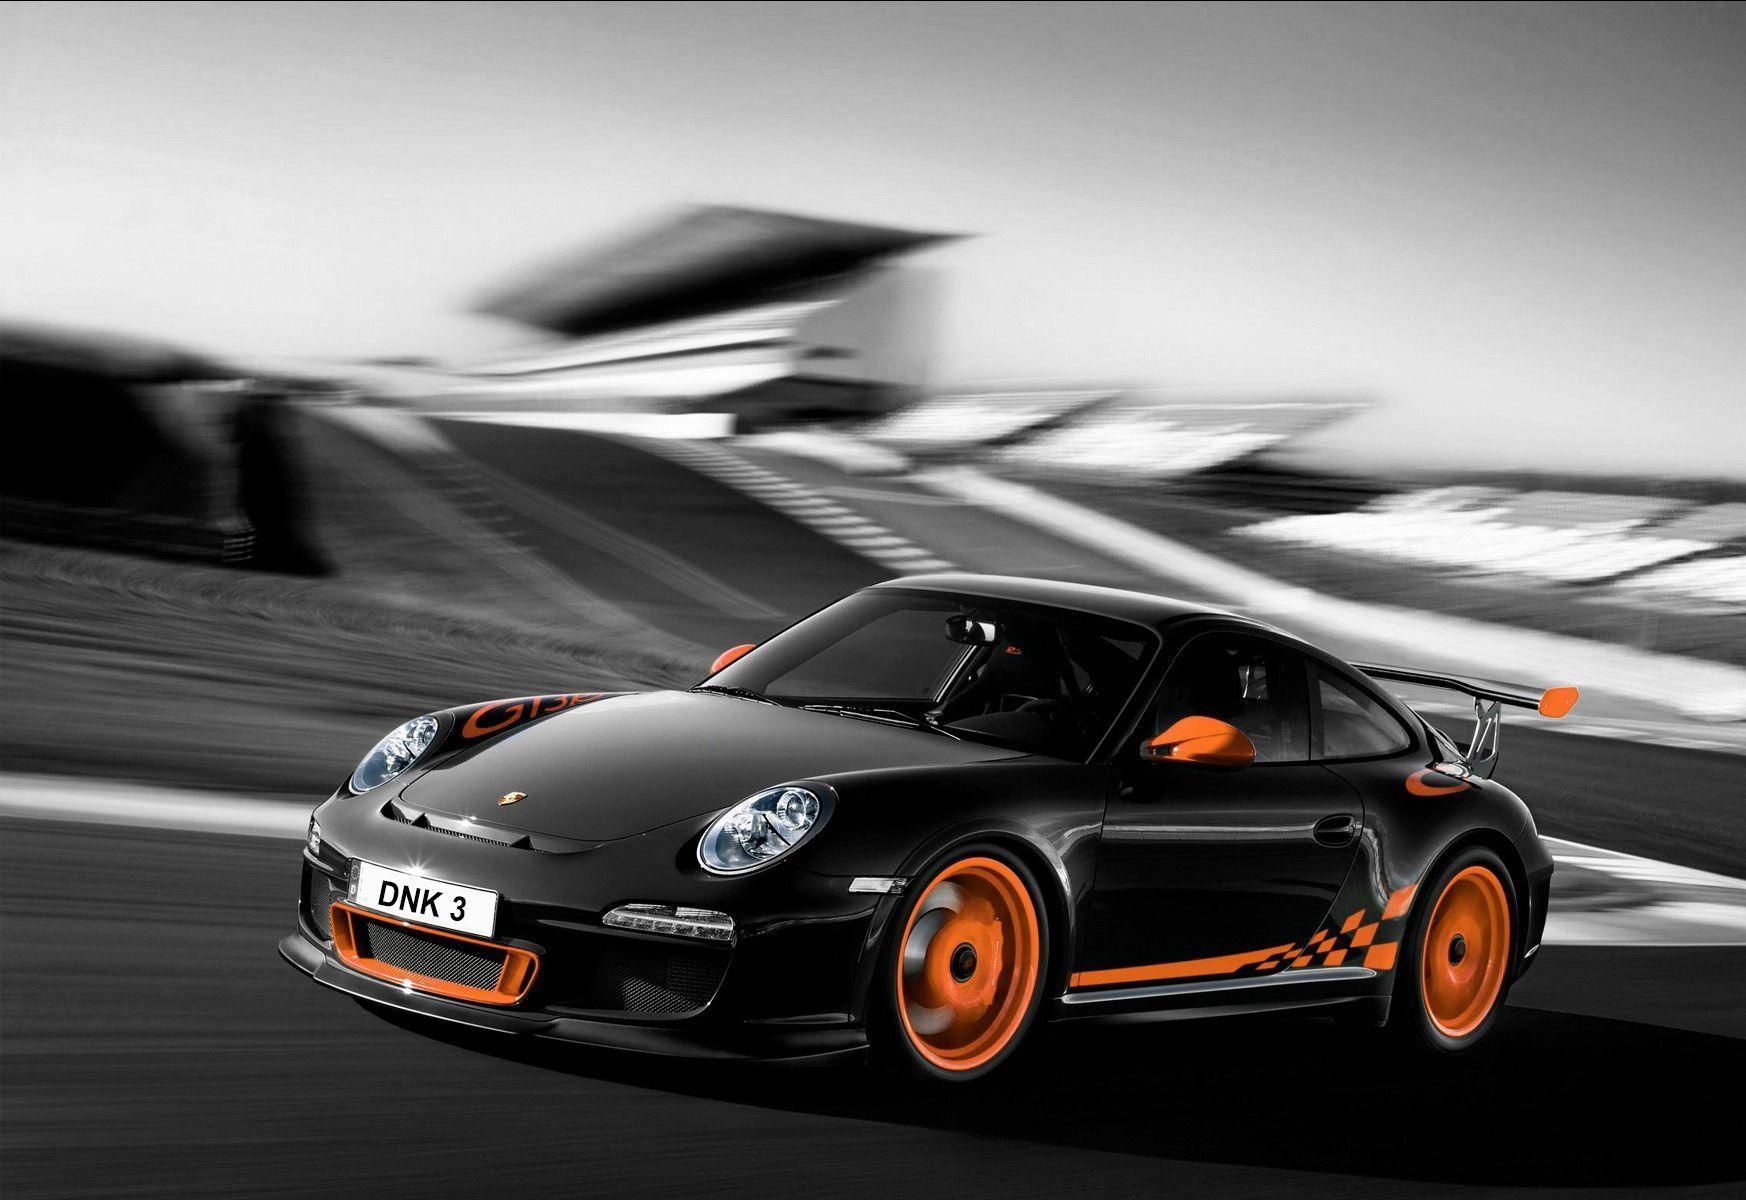 Porsche GT3 RS Fast Cars Pinterest